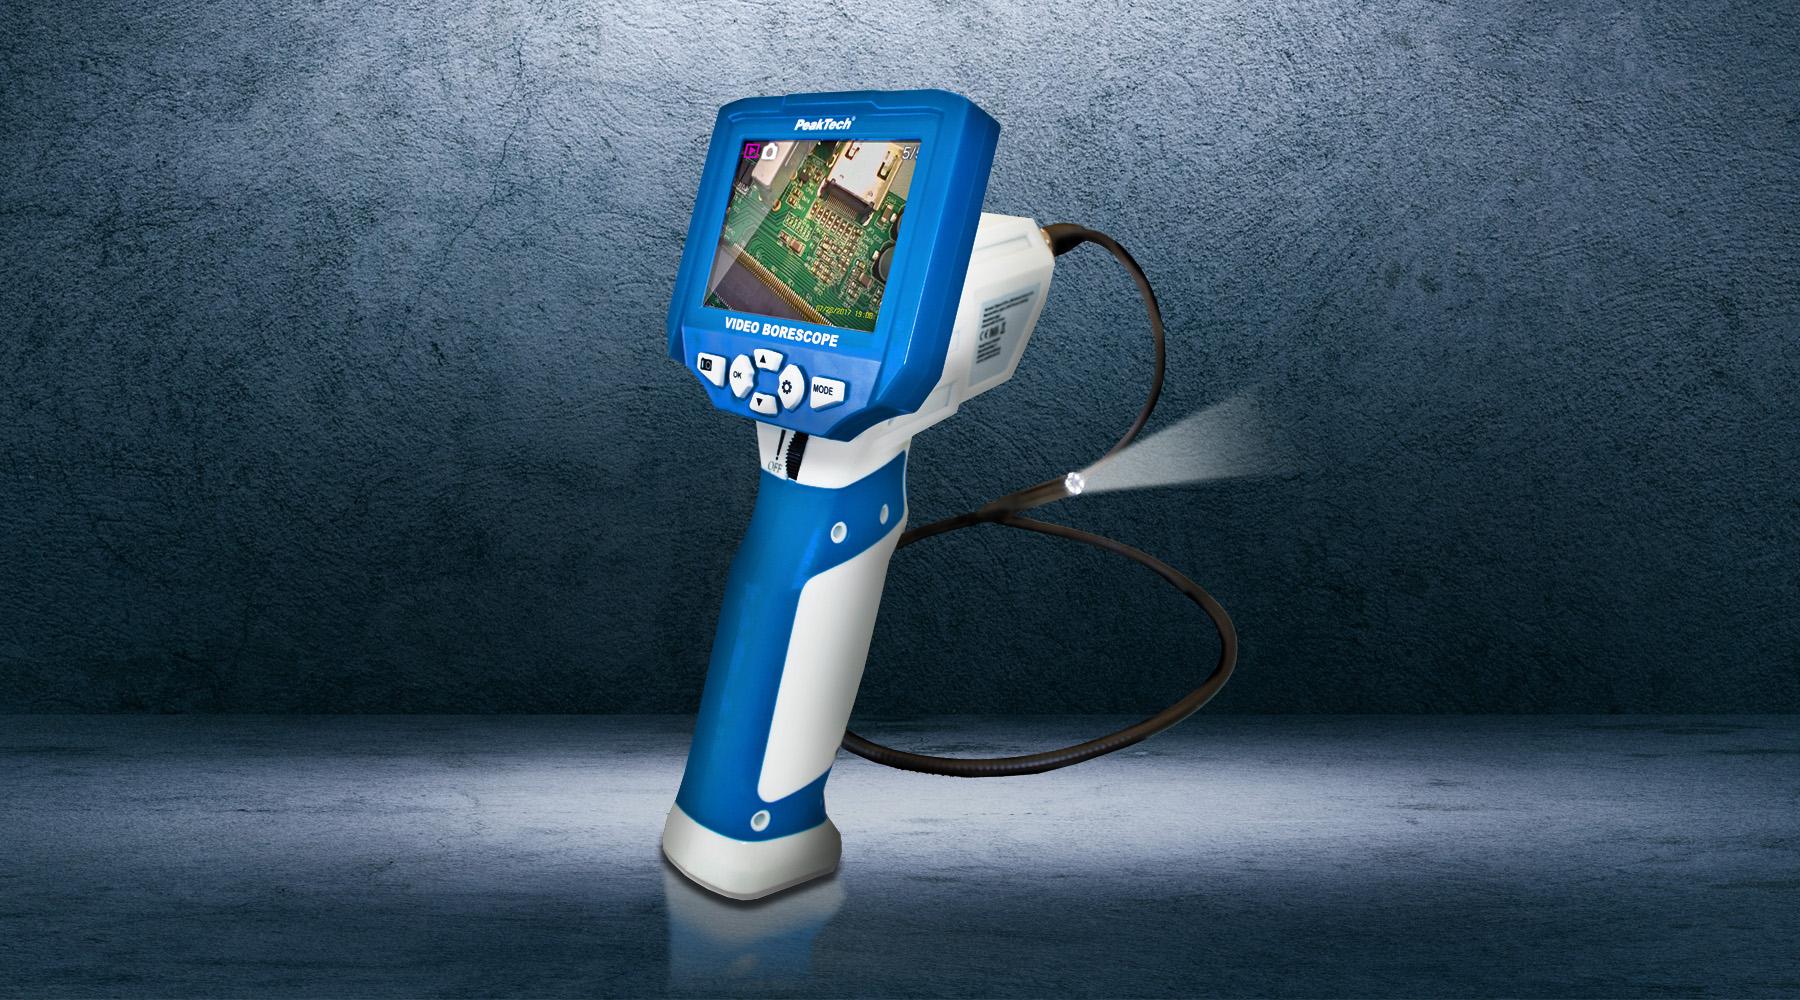 Endoscopes and cameras